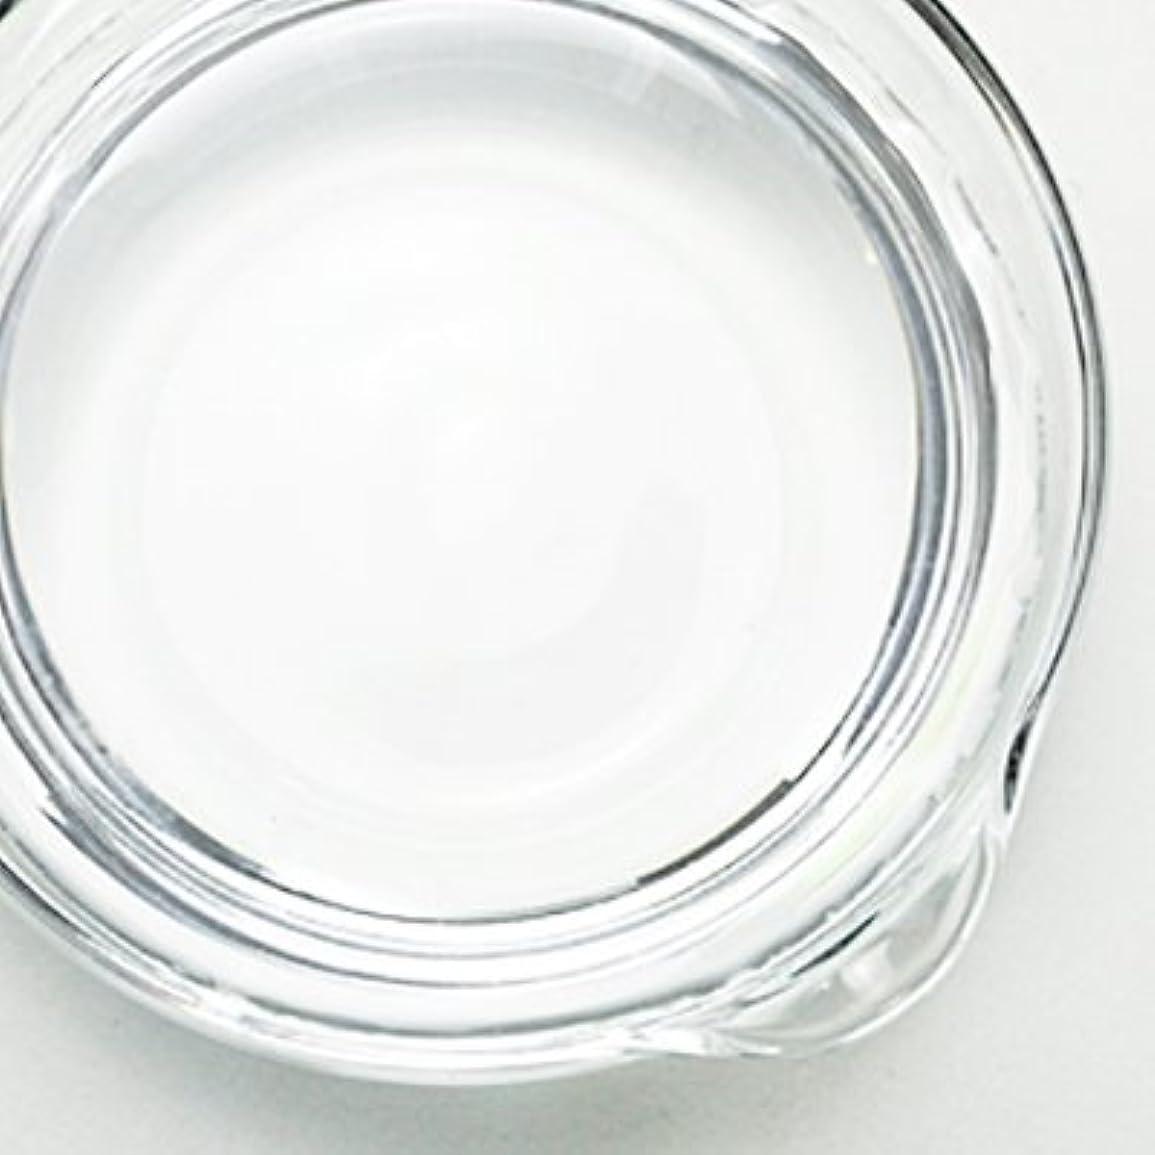 無声で含む断言する1,3-ブチレングリコール[BG] 100ml 【手作り石鹸/手作りコスメ】